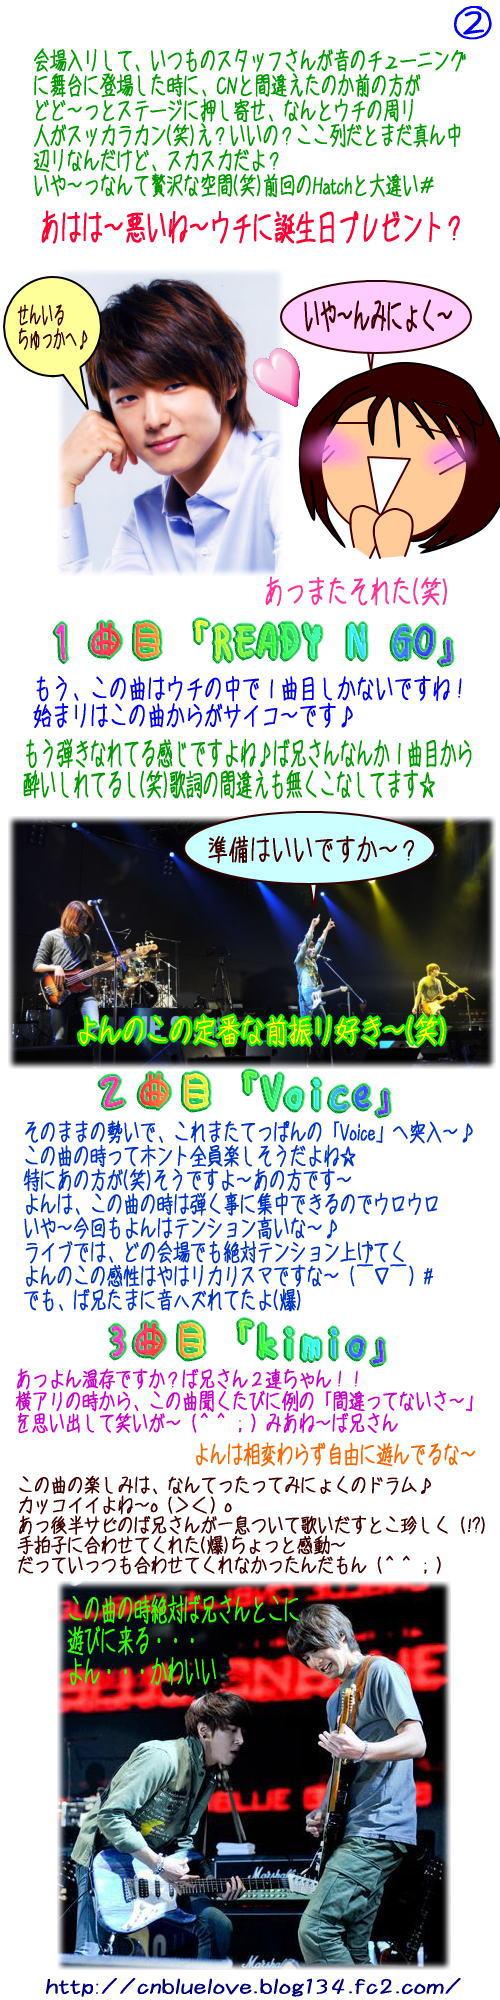 2012.01.13なんばHatch-2